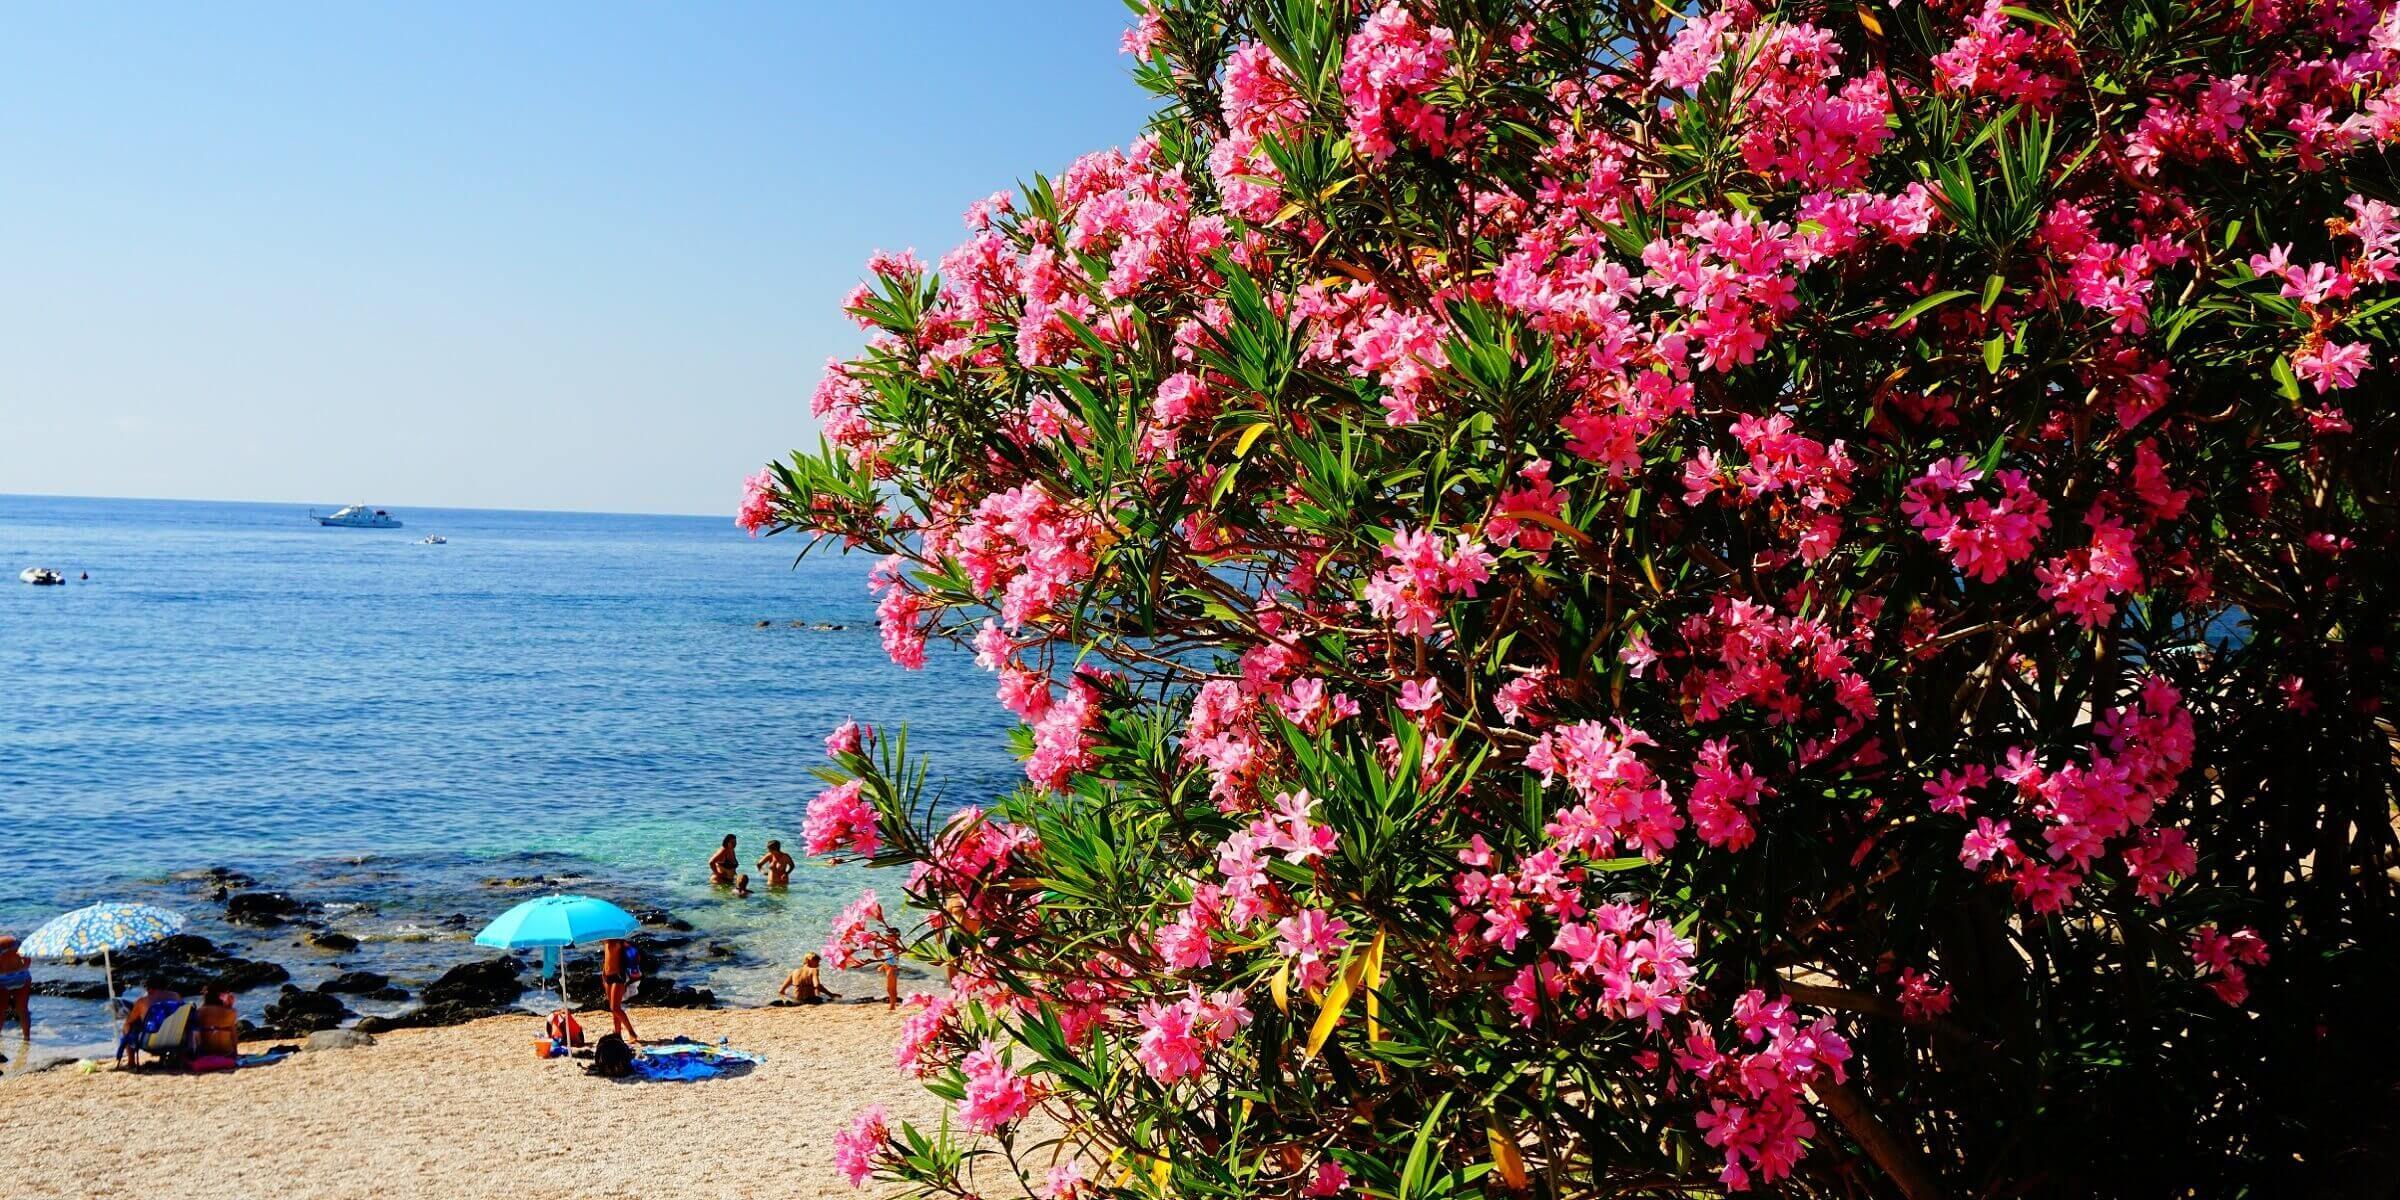 Auf Sardinien herrscht eine wahre Blütenpracht